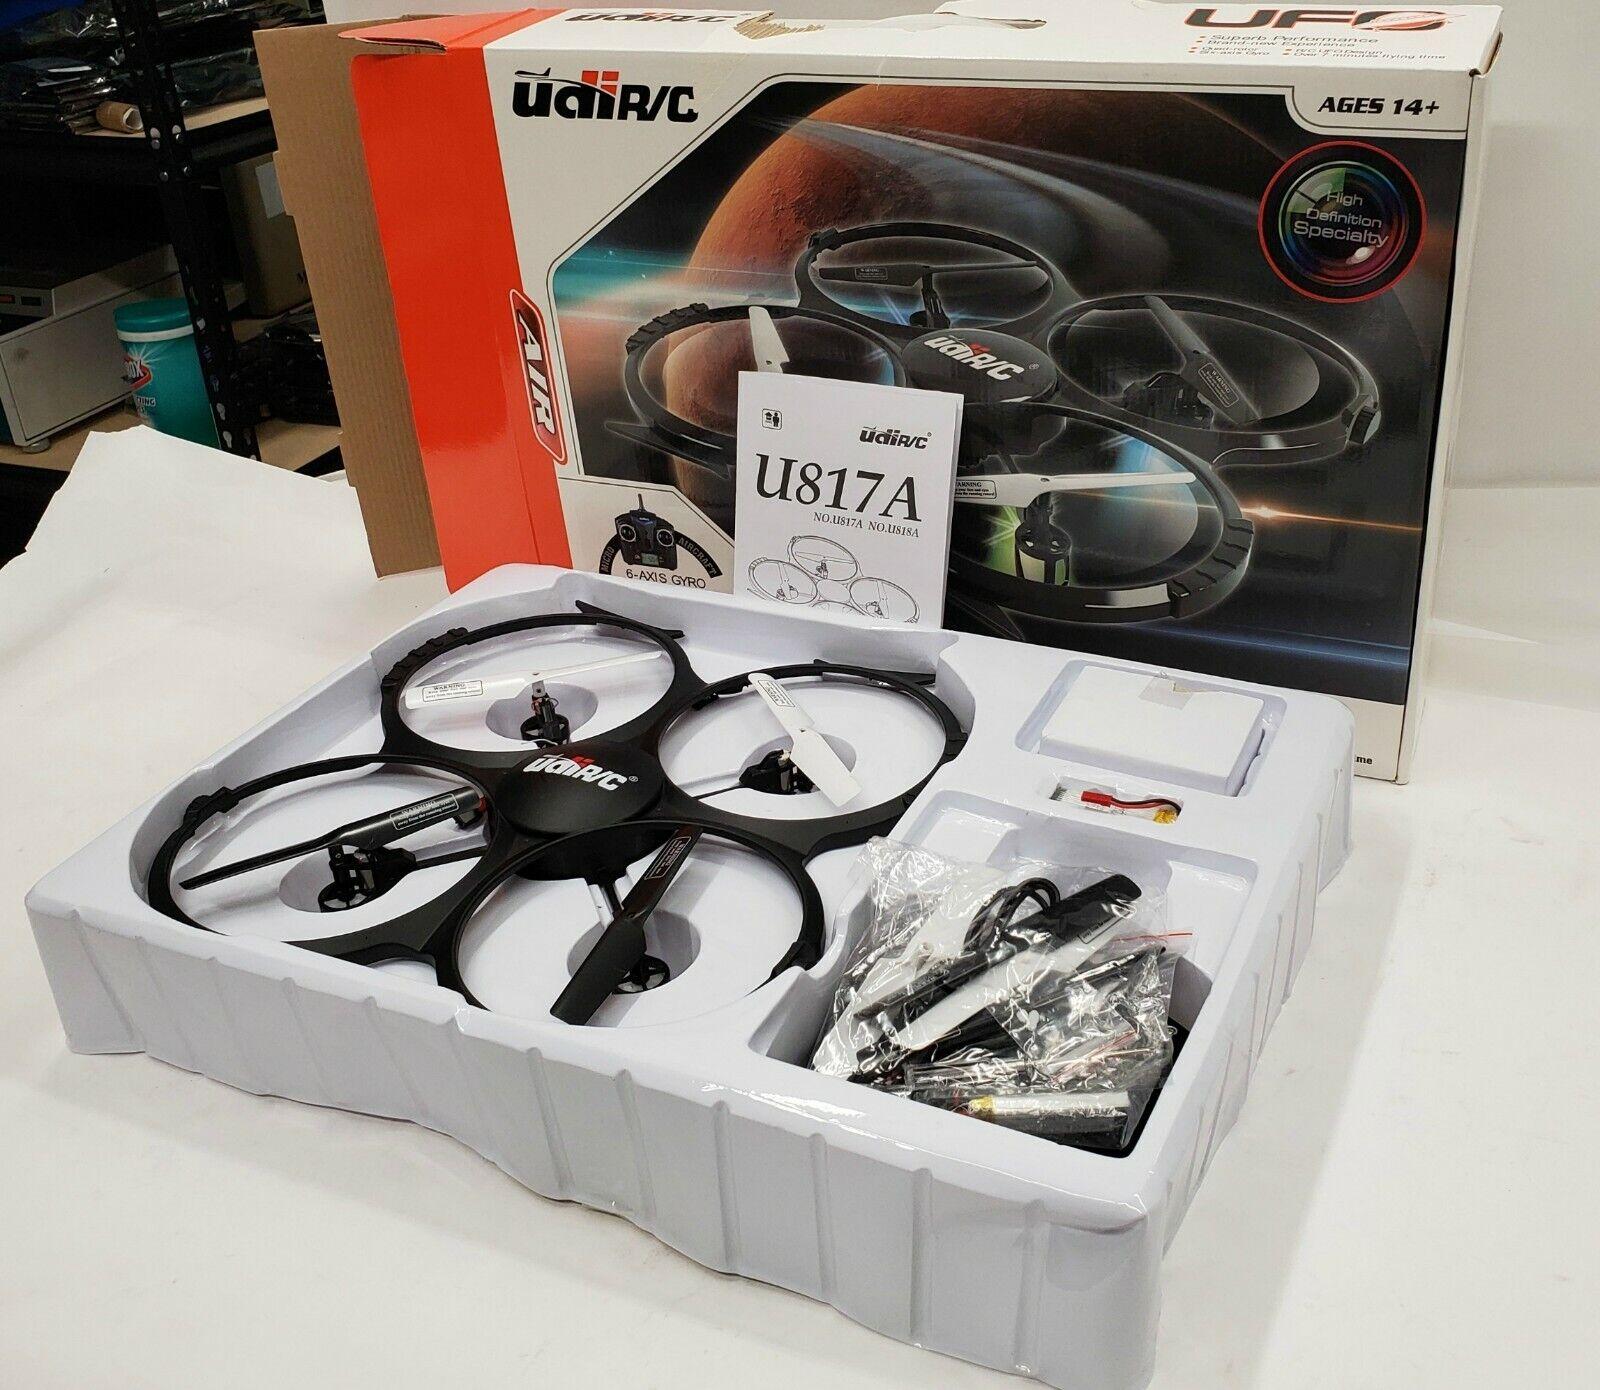 Genuine UDIR C U818A Video Quadcopter  Drone Warranty  Sito ufficiale